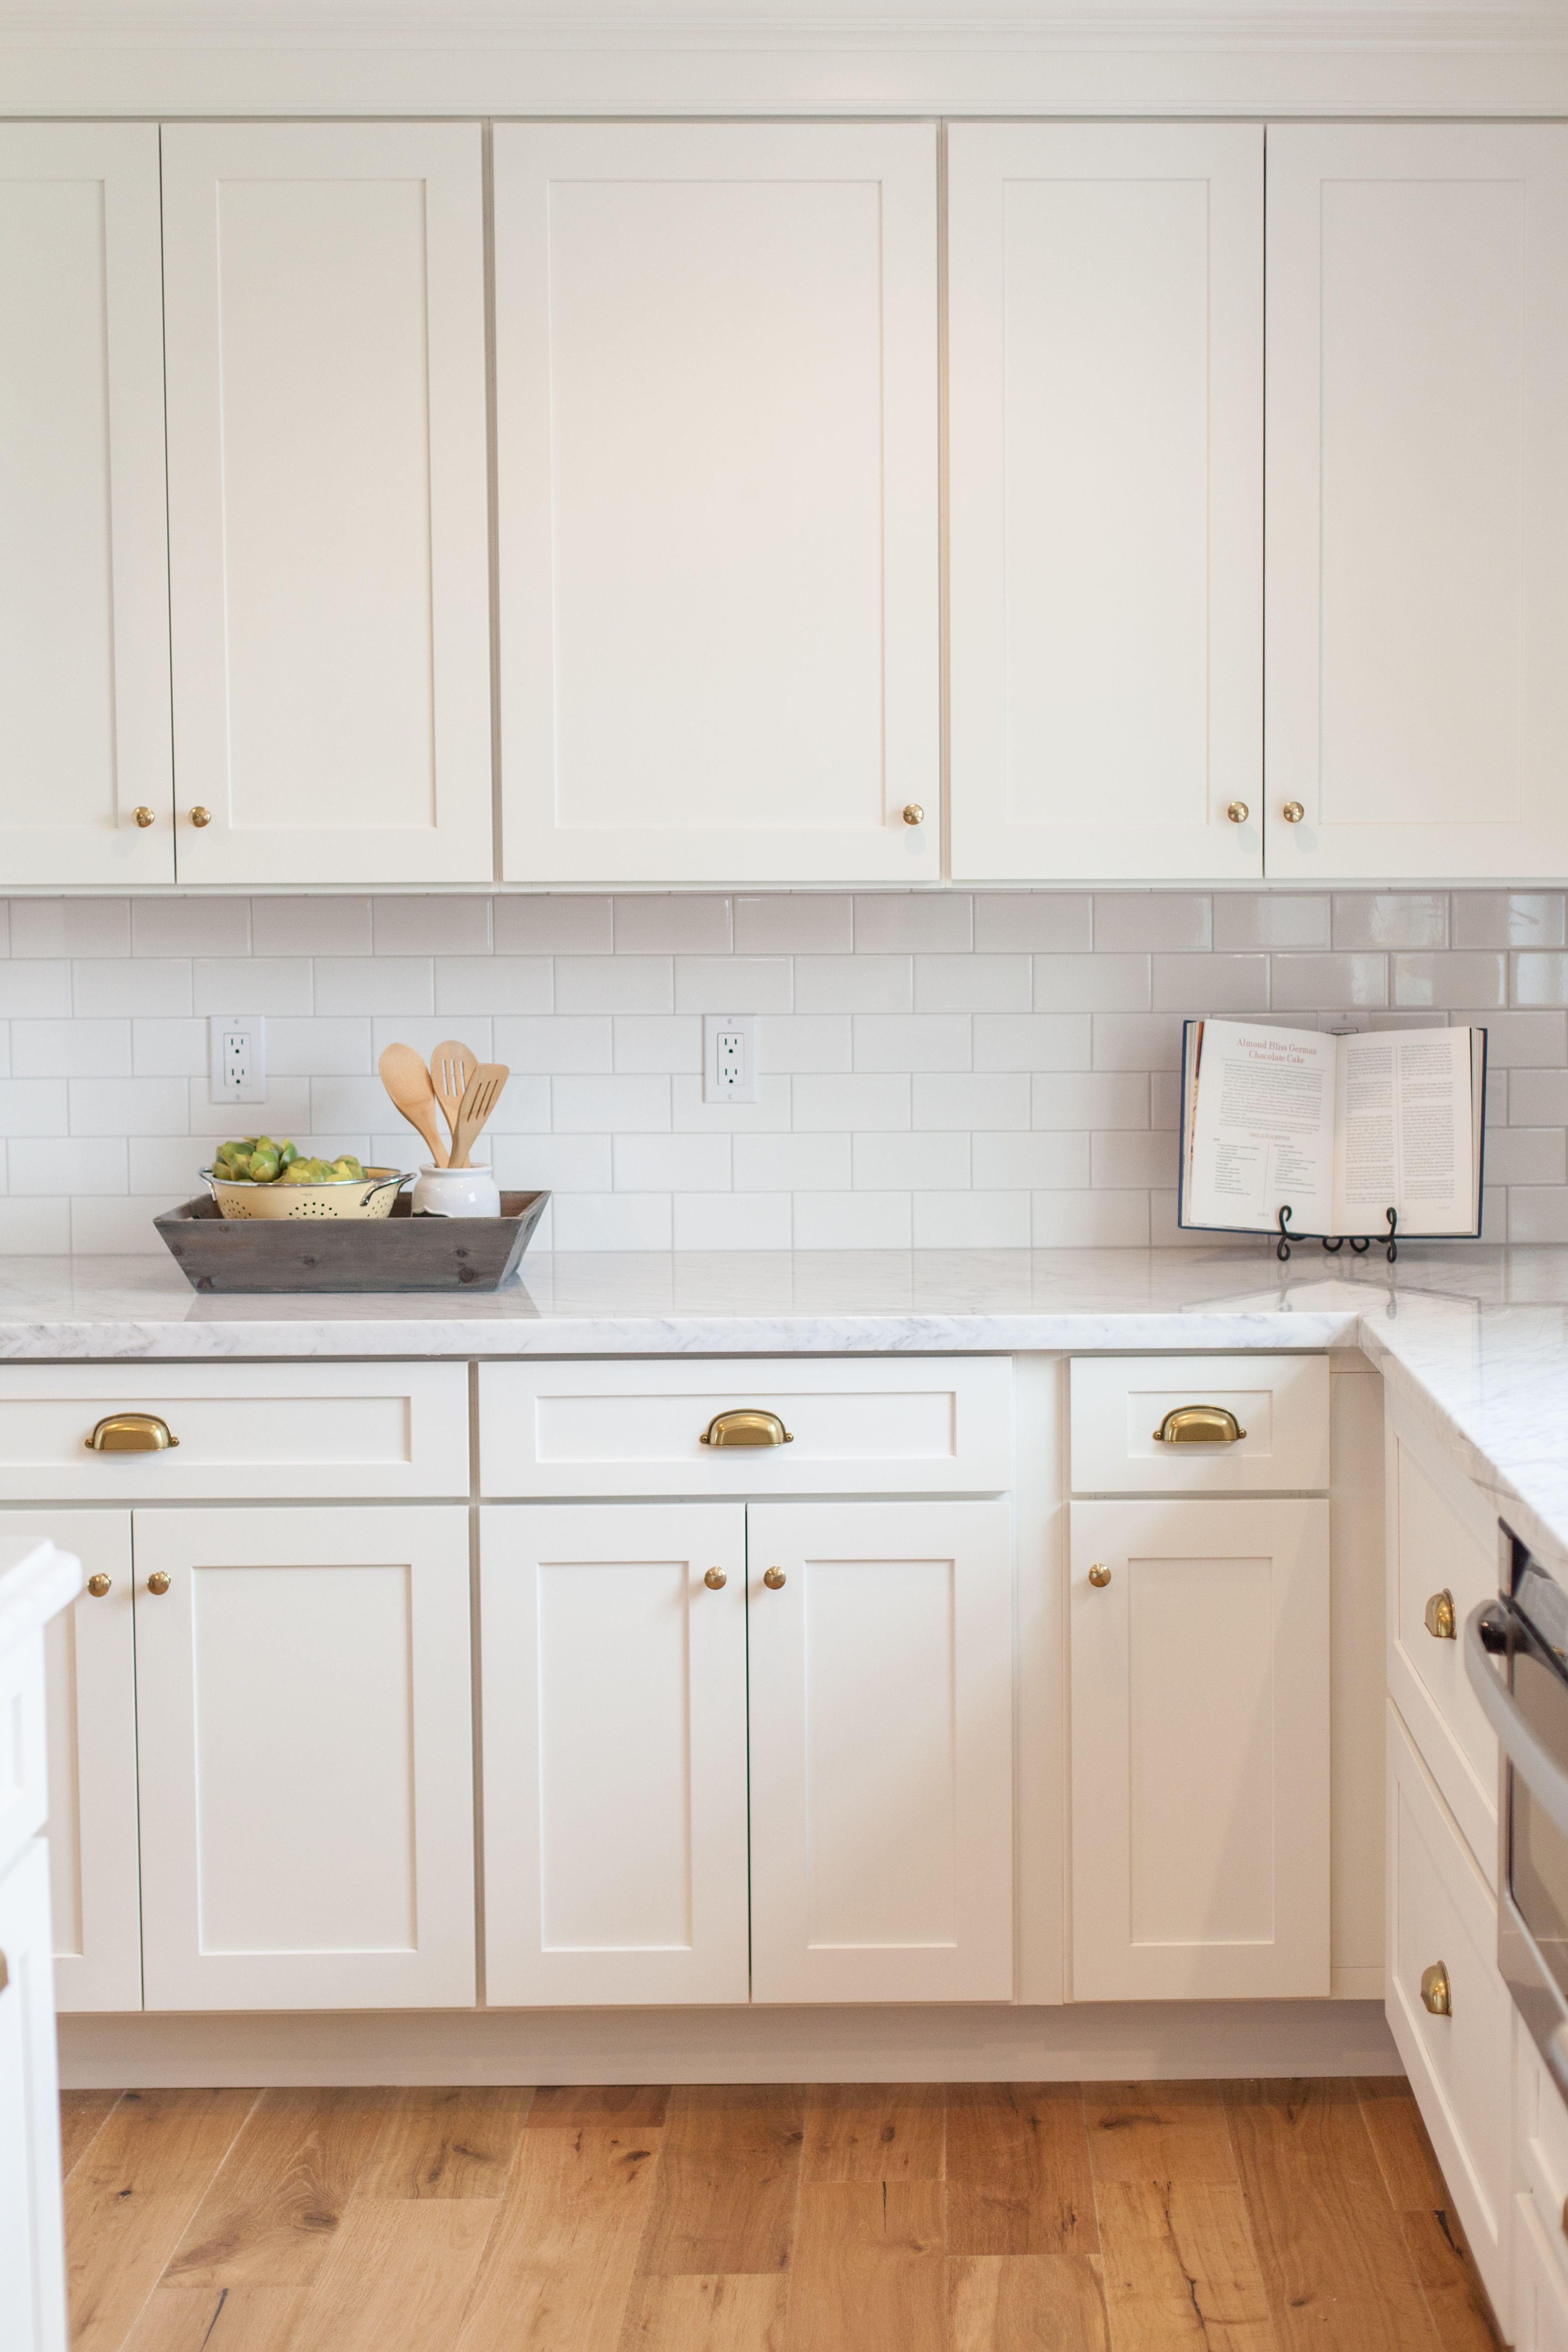 For Vintage White Kitchen Cupboards Kitchen Cabinet Styles White Modern Kitchen Shaker Style Kitchen Cabinets